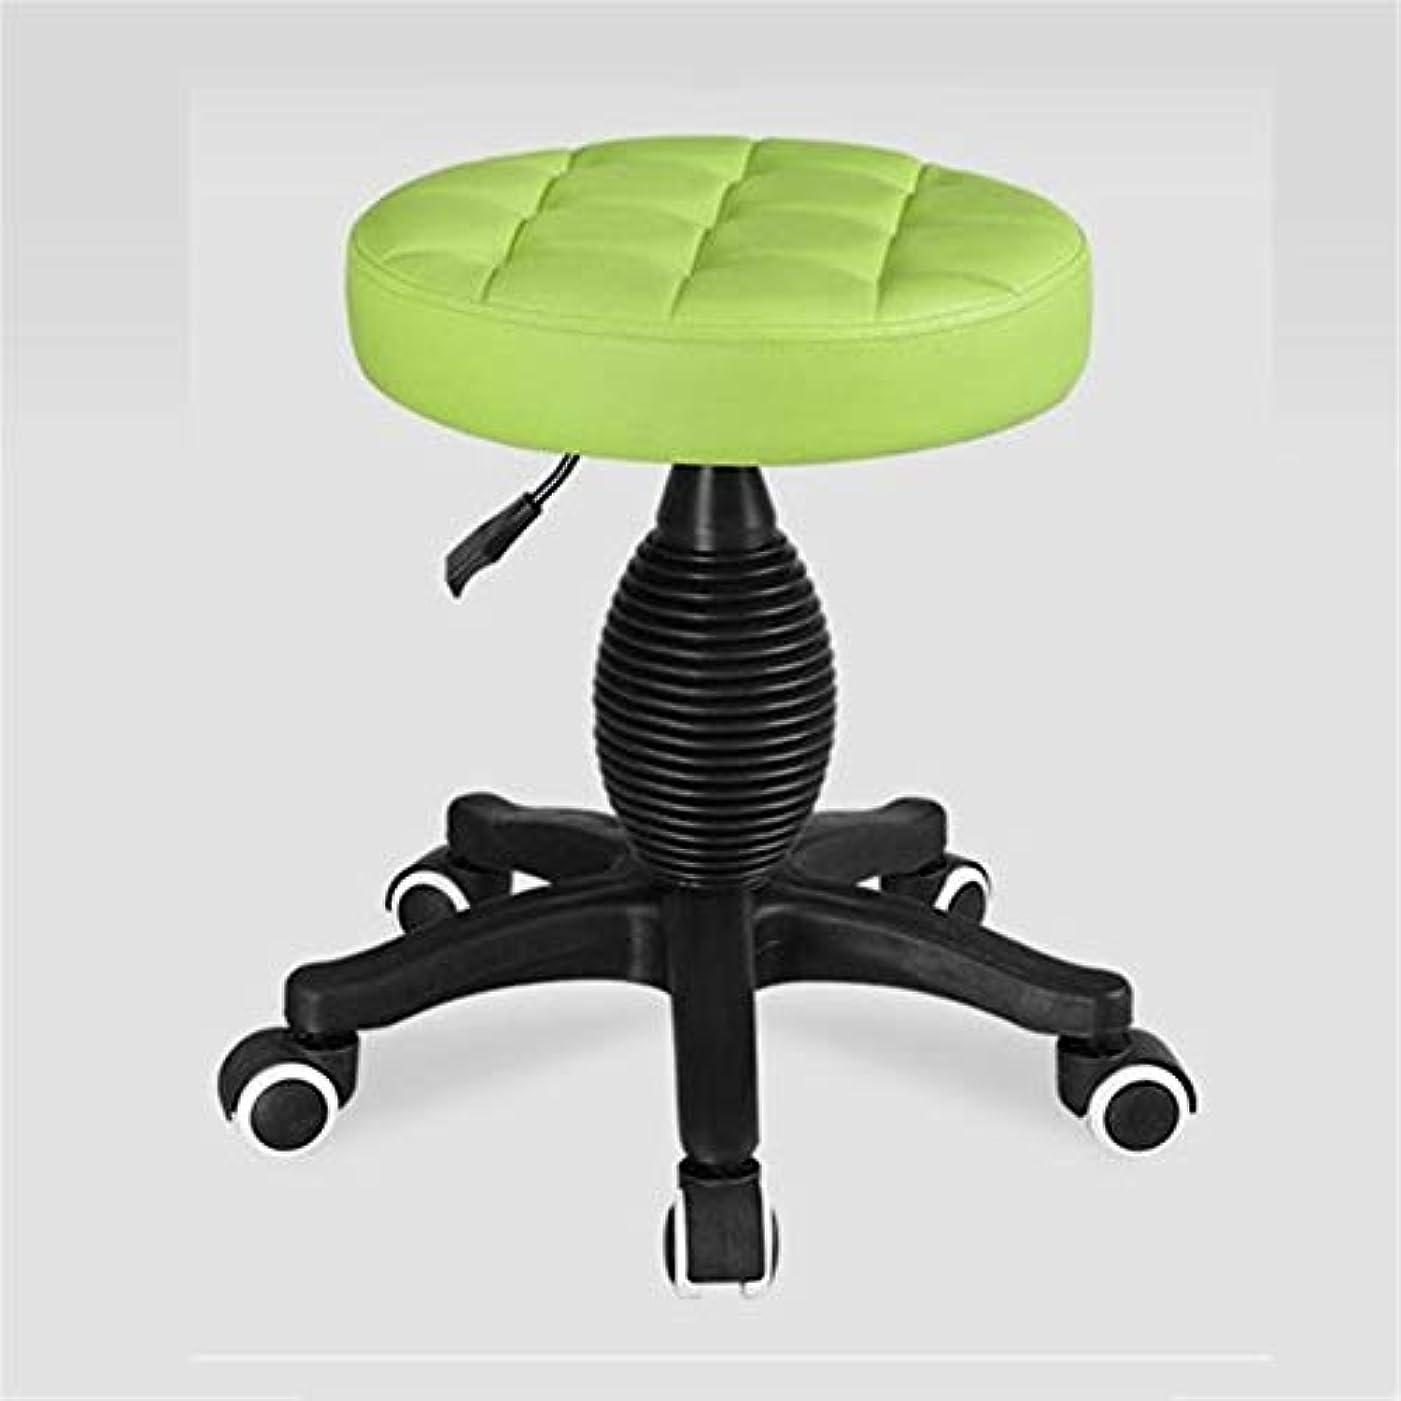 お客様ウィンク元気な大広間の椅子円形PUの革油圧上昇の調節の回転理髪店の椅子の鉱泉の大広間の設定の椅子5つの車輪の事務作業の椅子,Green,B